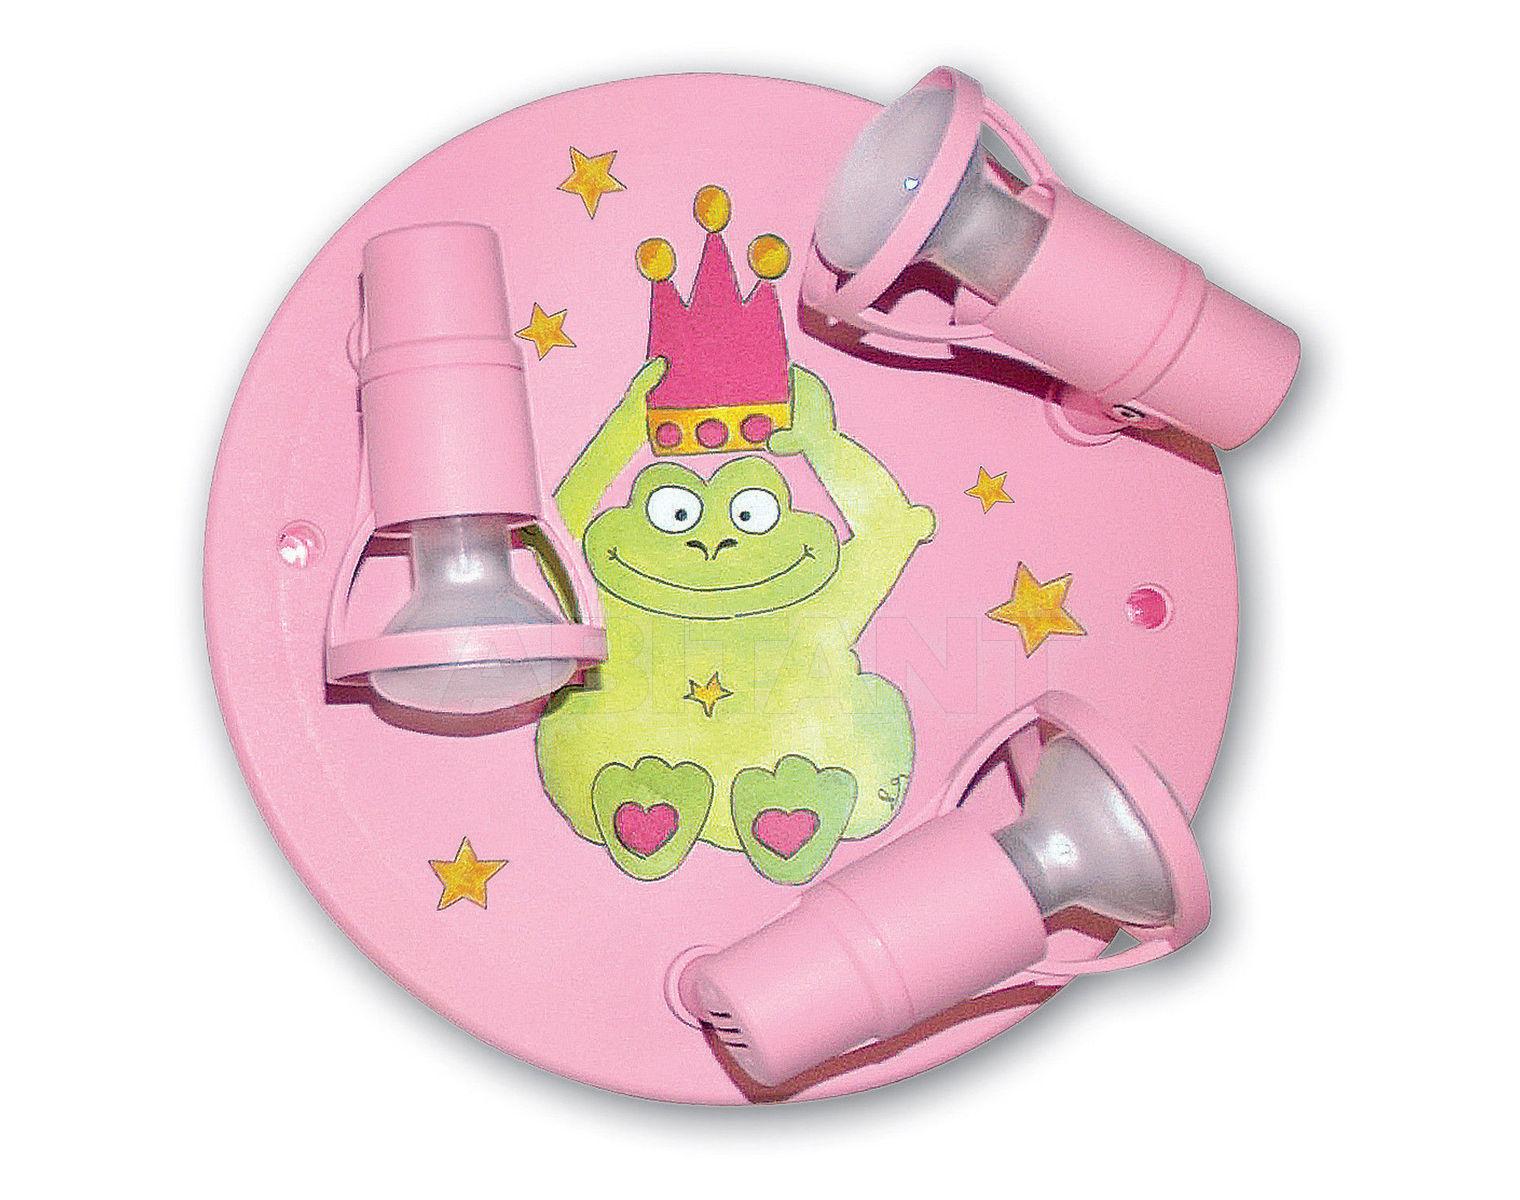 Купить Светильник для детской  Waldi Leuchten Lampen Fur Kinder 2012 65248.0